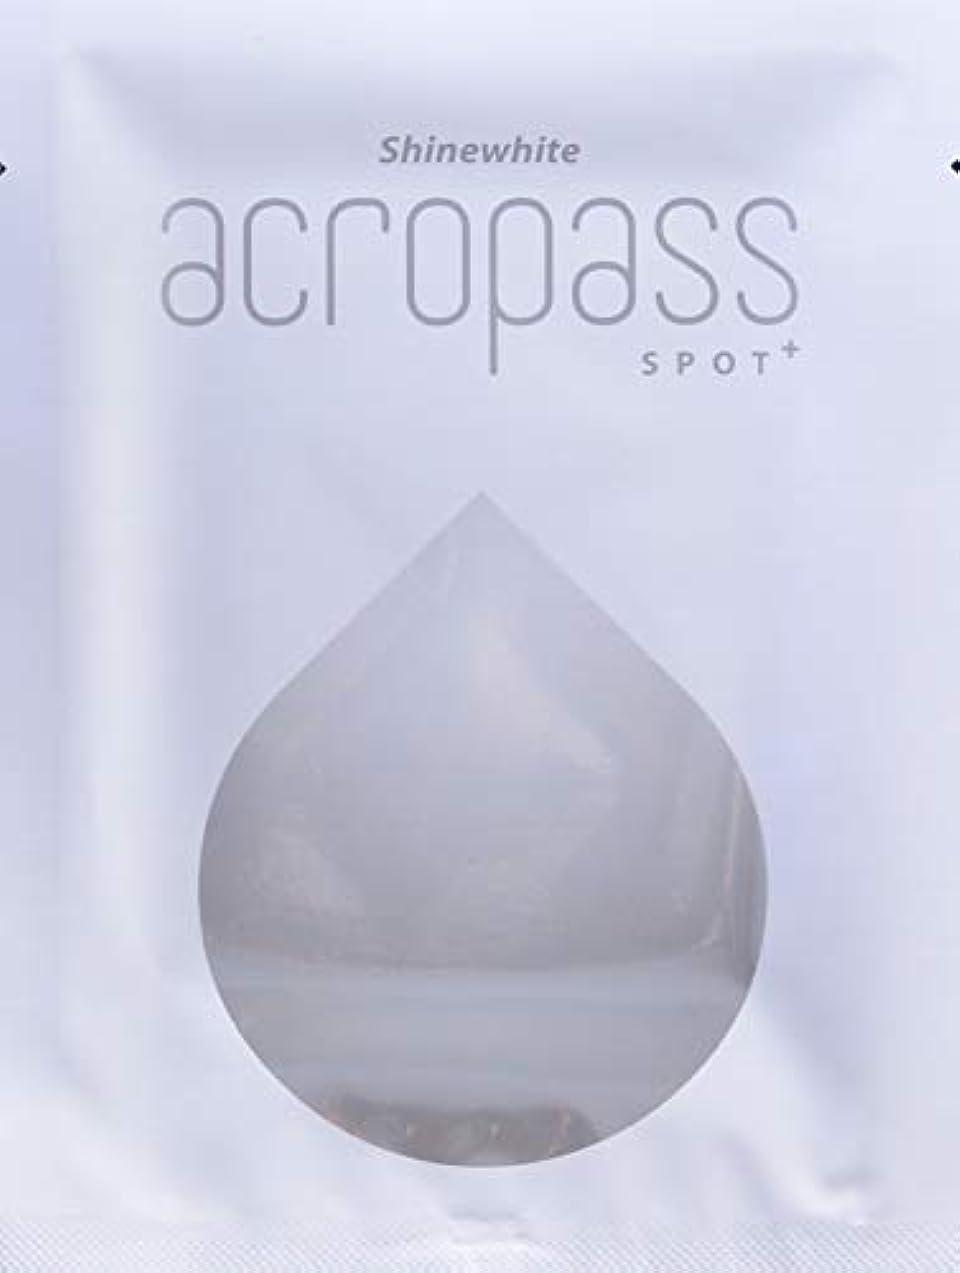 力学パテ先入観★アクロパス スポットプラス★ 1パウチ(2枚入り) 美白効果をプラスしたアクロパス、ヒアルロン酸+4種の美白成分配合マイクロニードルパッチ。 他にお得な2パウチセットもございます